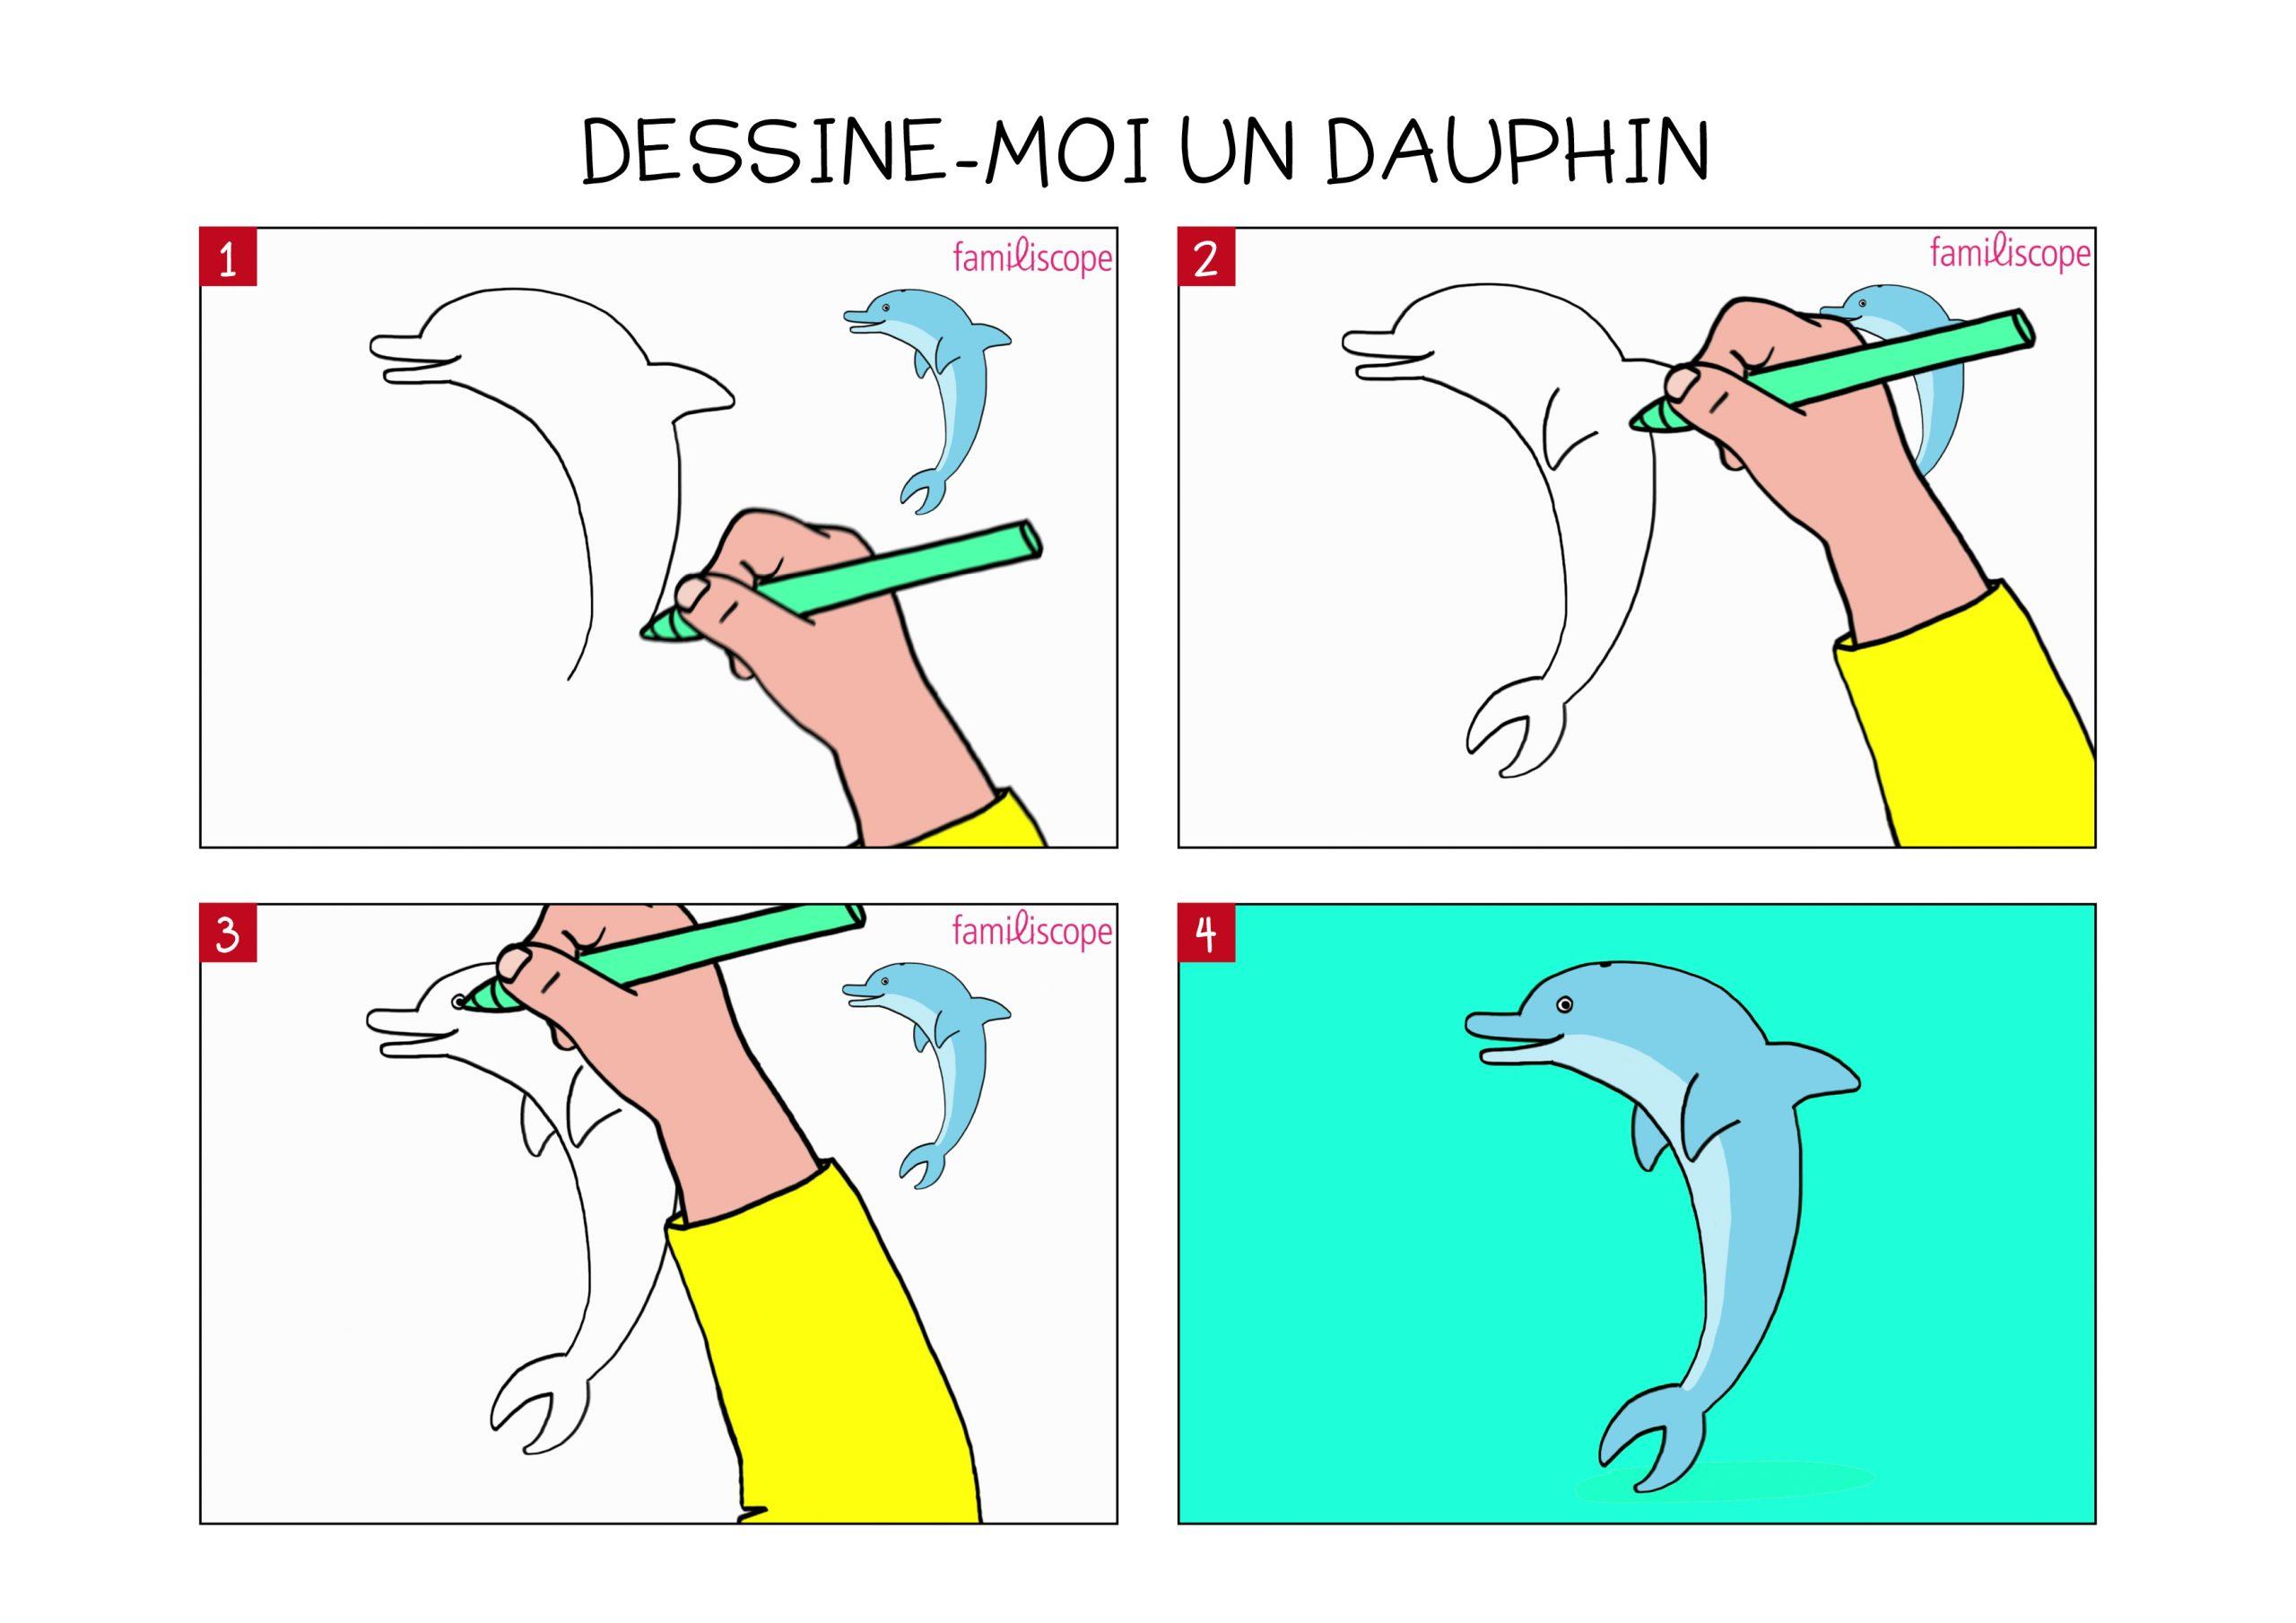 Apprendre À Dessiner Un Dauphin En 3 Étapes à Dessin Dauphin À Imprimer